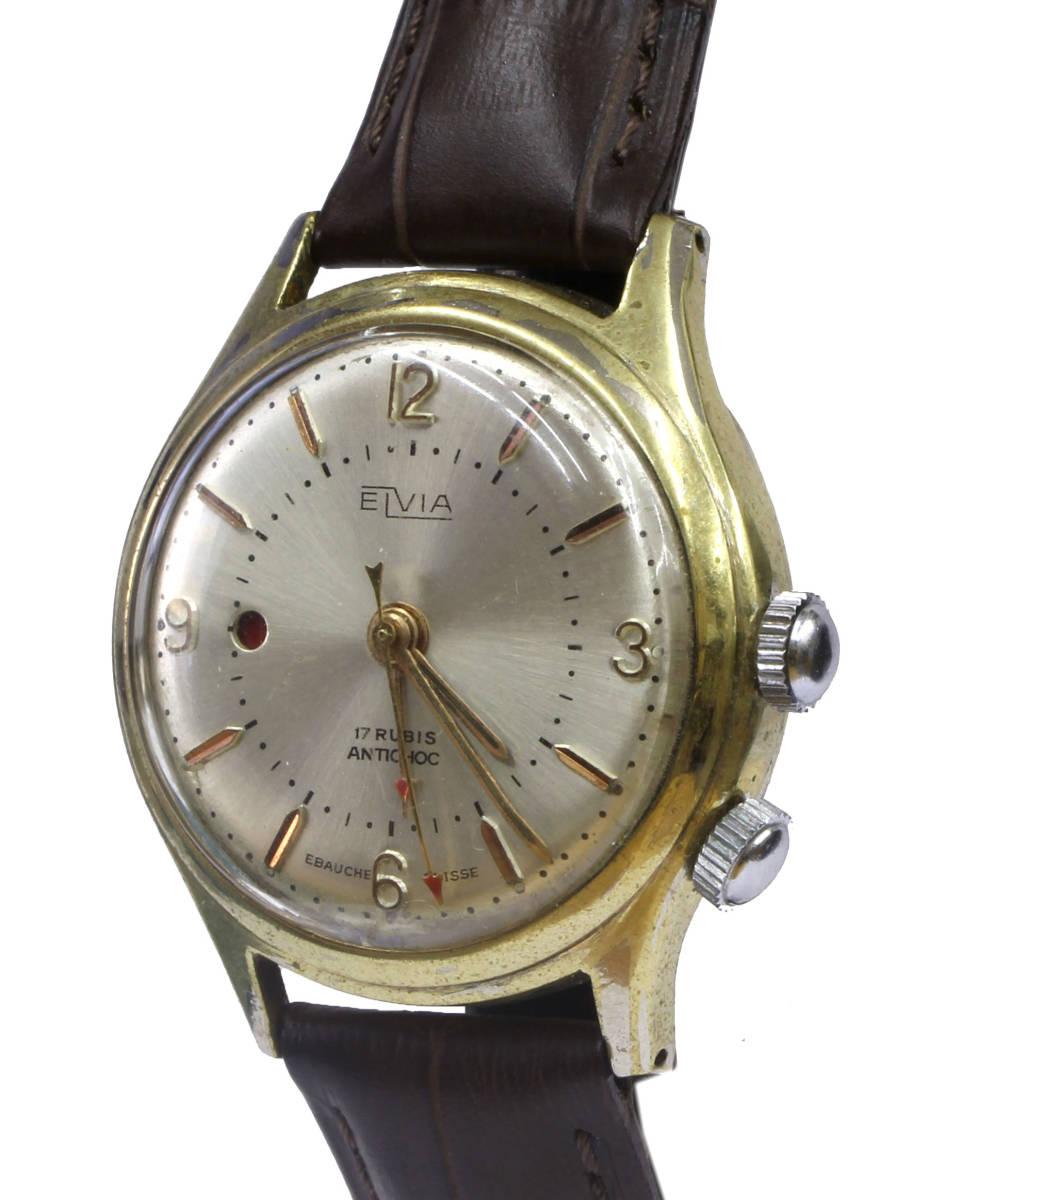 値下げ交渉あり!ヴィンテージ1960年代製ELVIAエルヴィア手巻きアラームウォッチ美品ヴィーナスCal.230搭載1年保証付_画像3